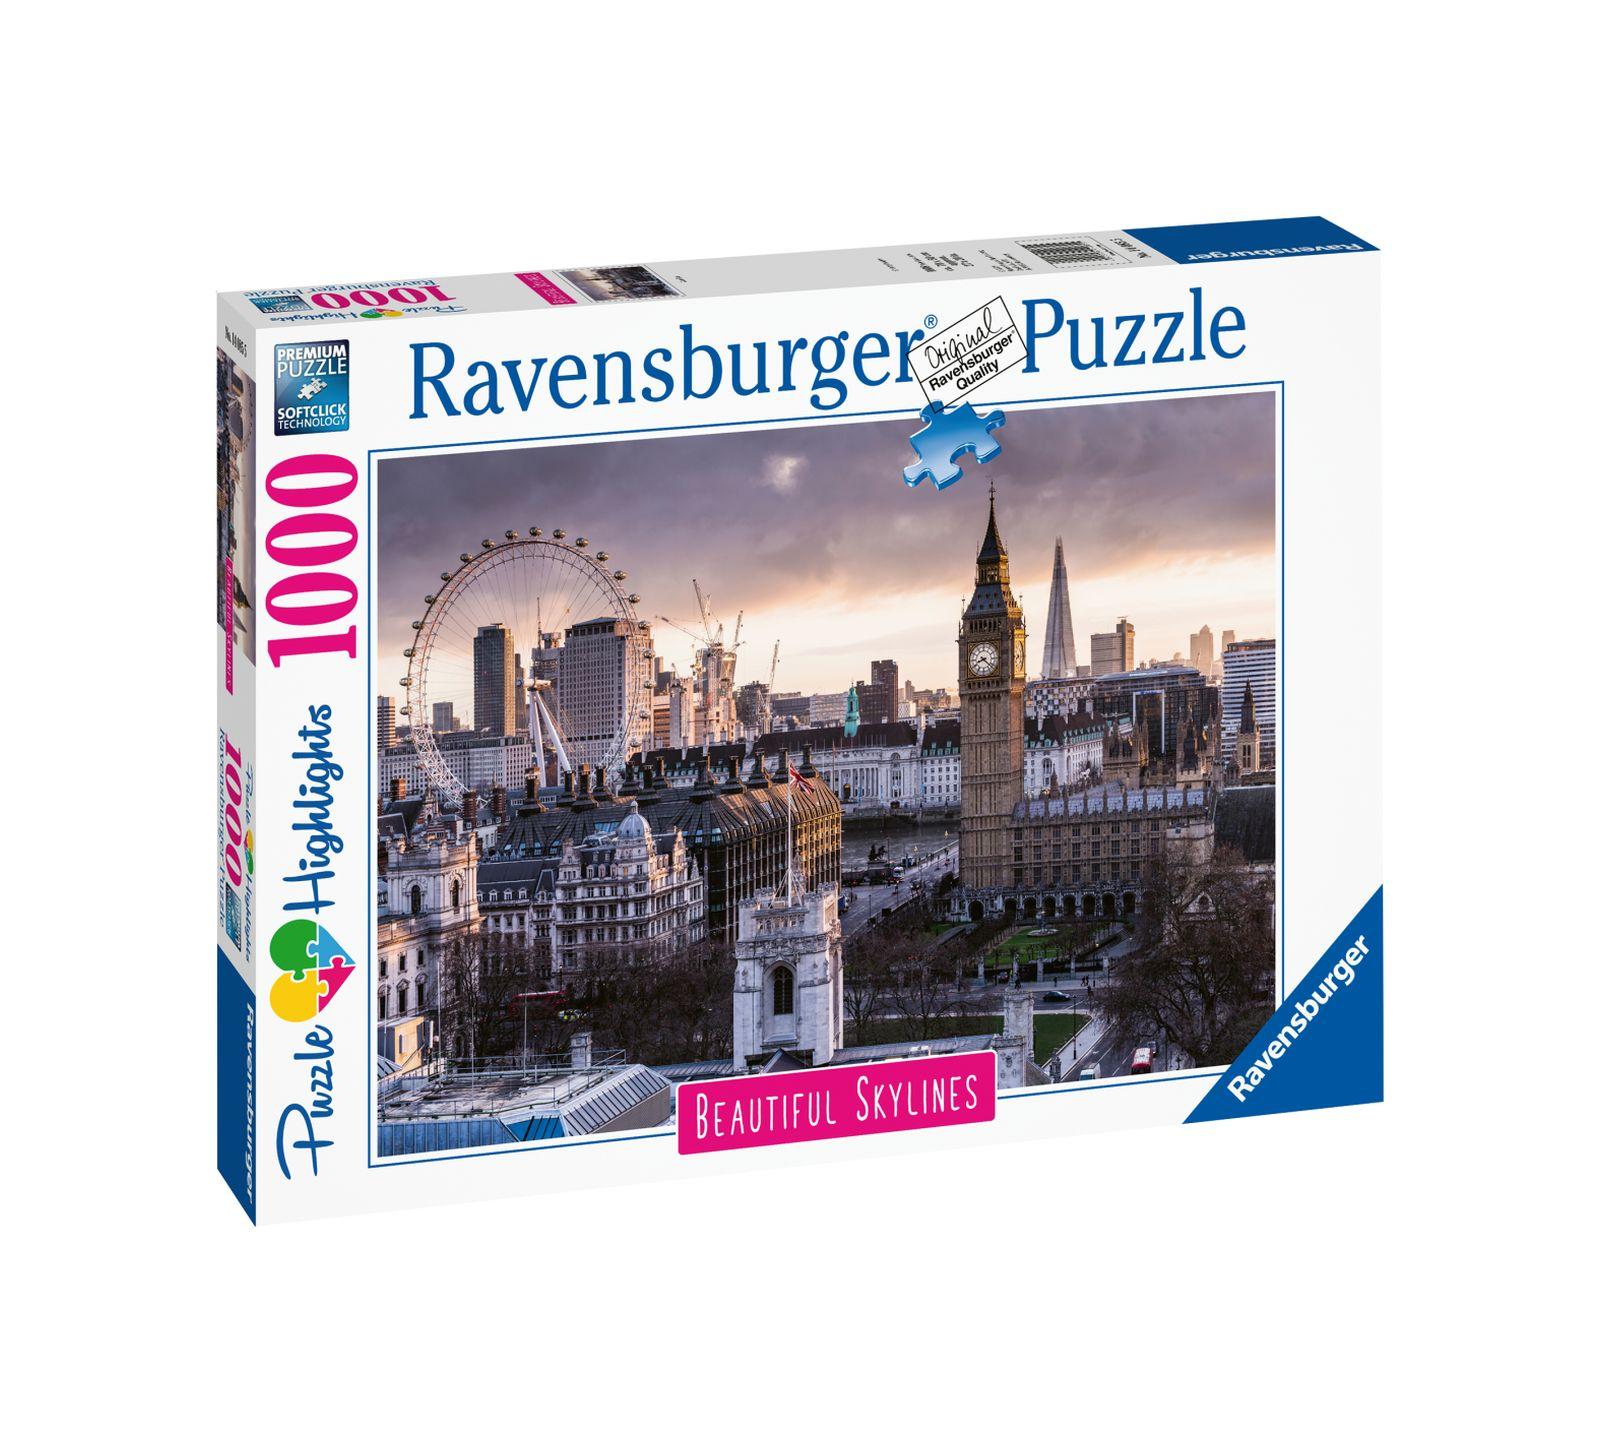 Ravensburger puzzle 1000 pezzi london - Ravensburger1